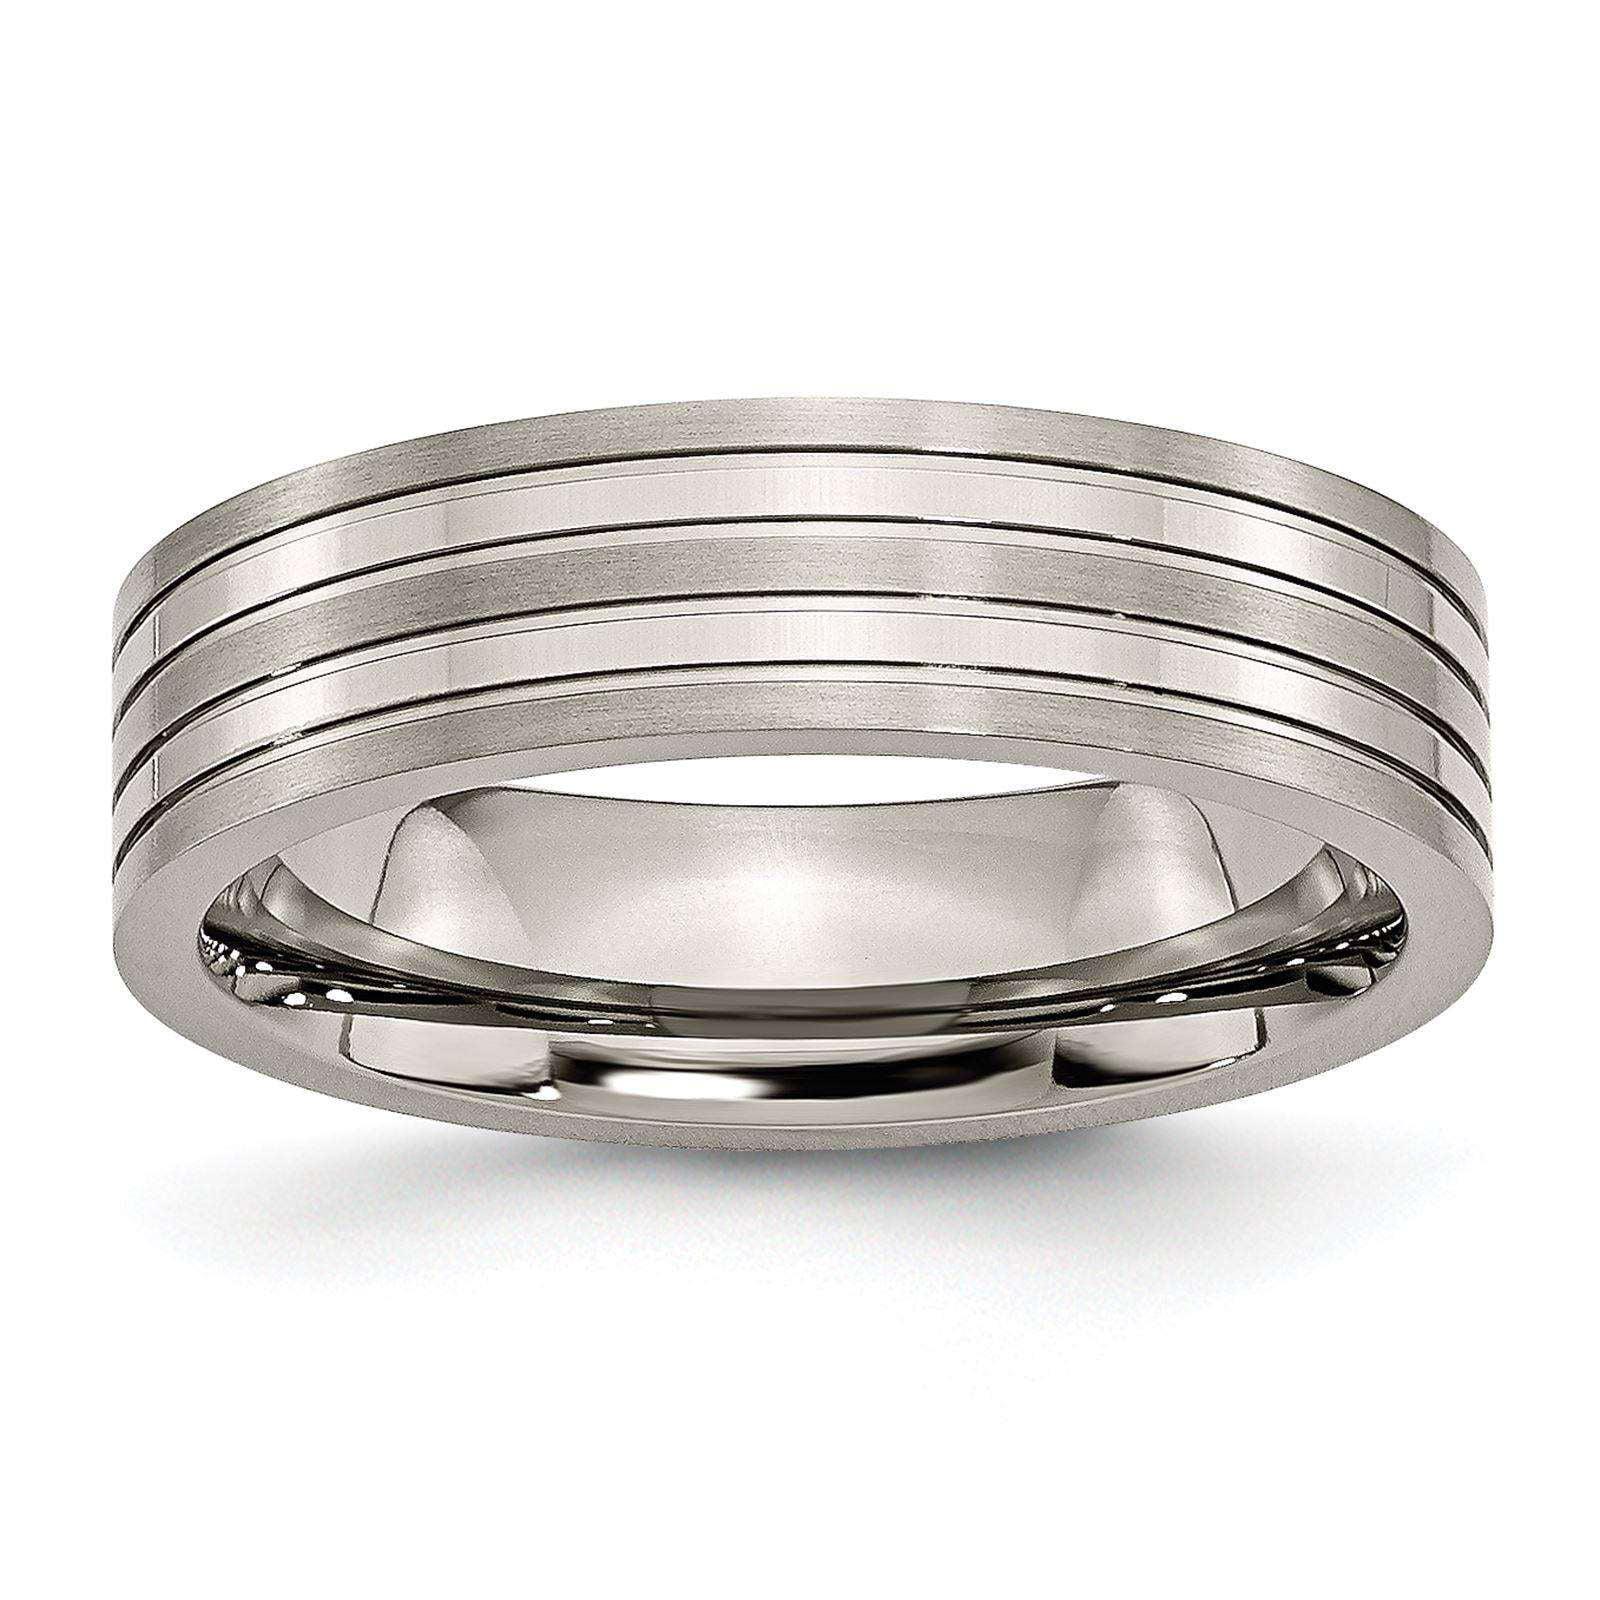 Titanium 6mm Grooved Brushed & Polished Chisel Wedding Band Size 6.5